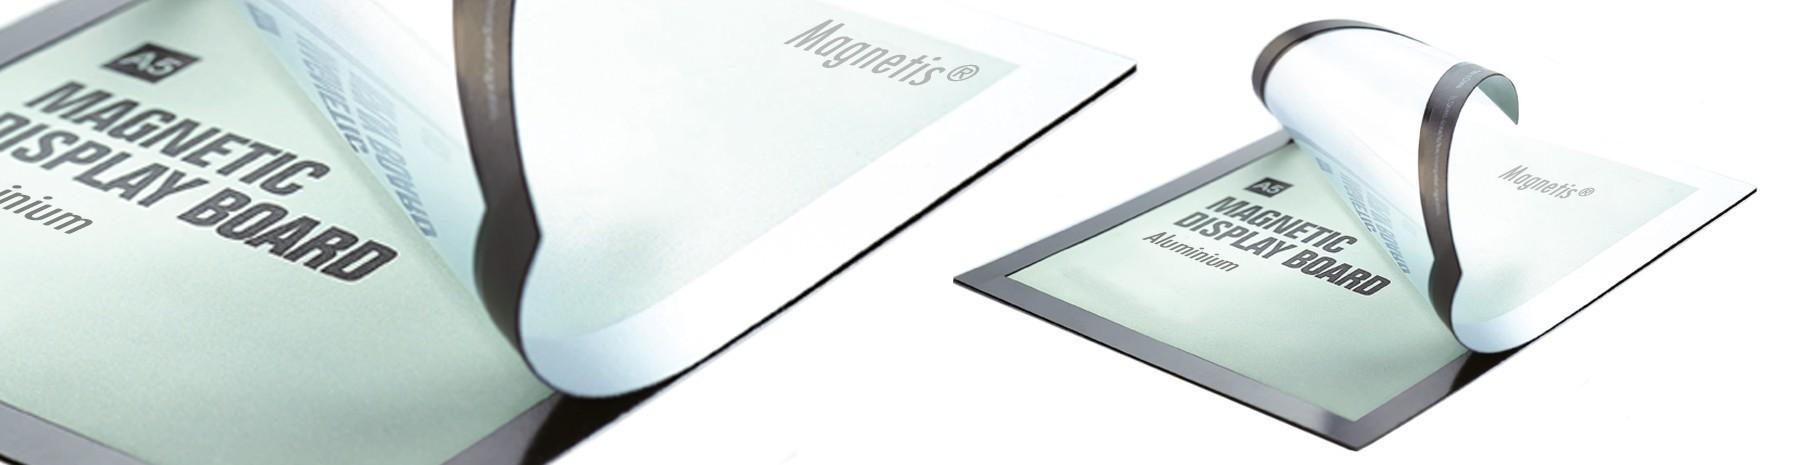 Cadre d'affichage magnétique pour vos documents graphiques.